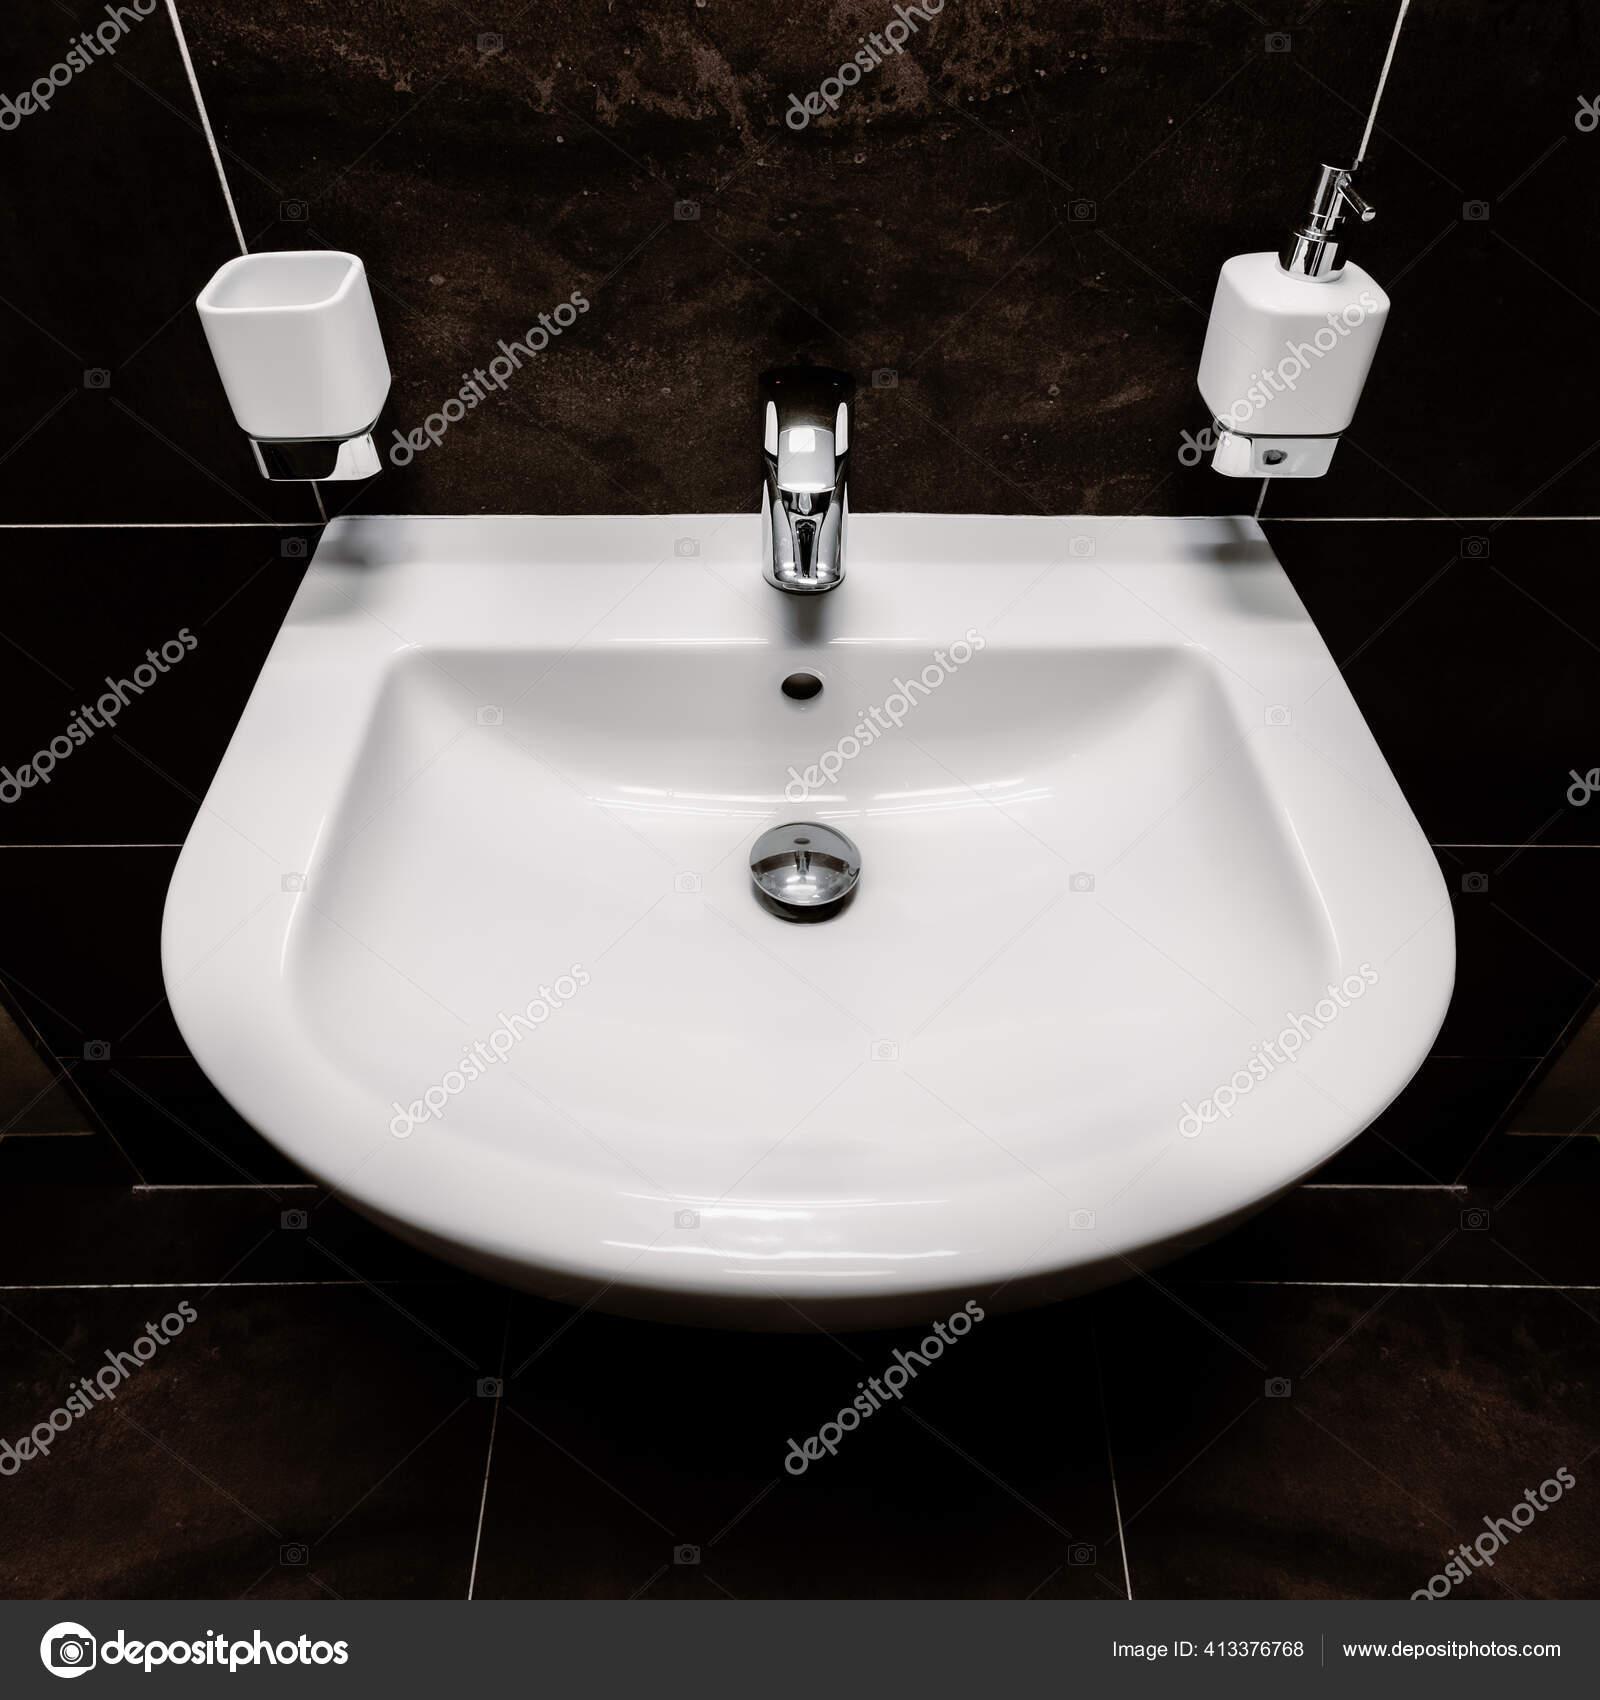 https depositphotos com 413376768 stock photo medium size shaped washbasin white html